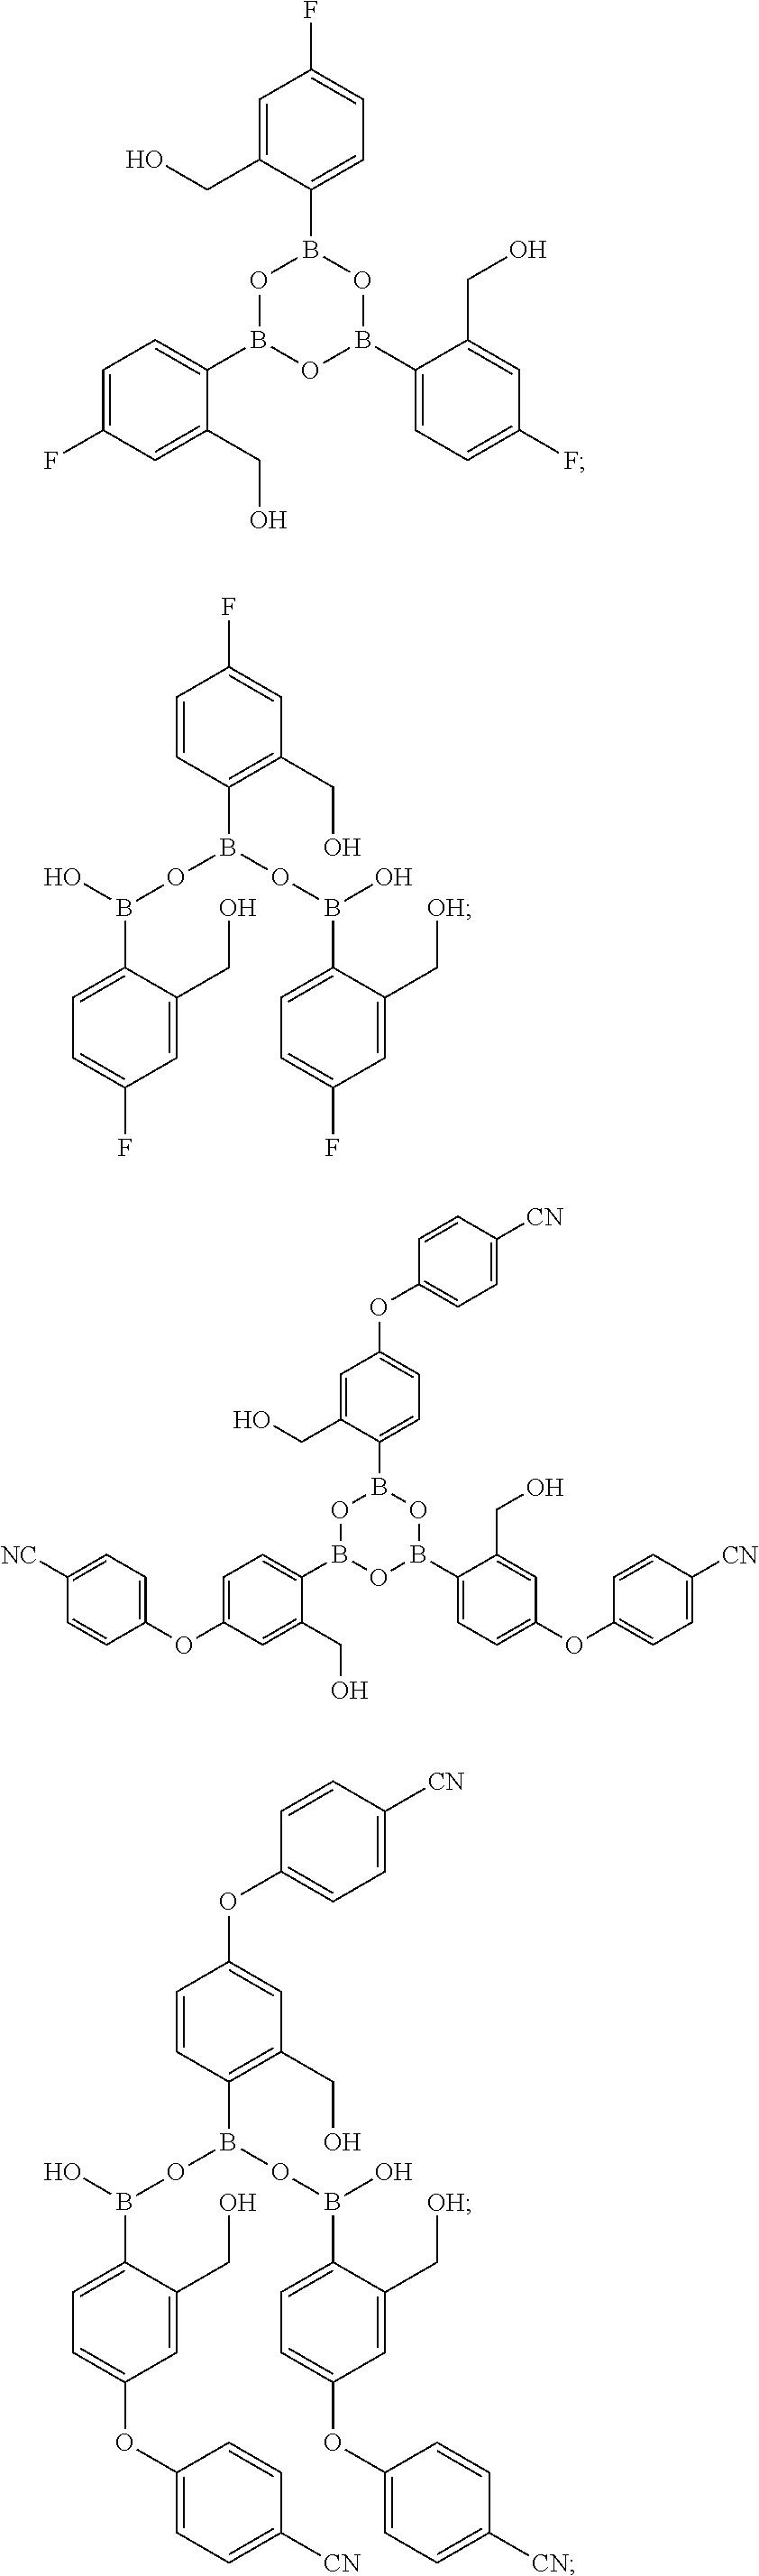 Figure US09353133-20160531-C00046